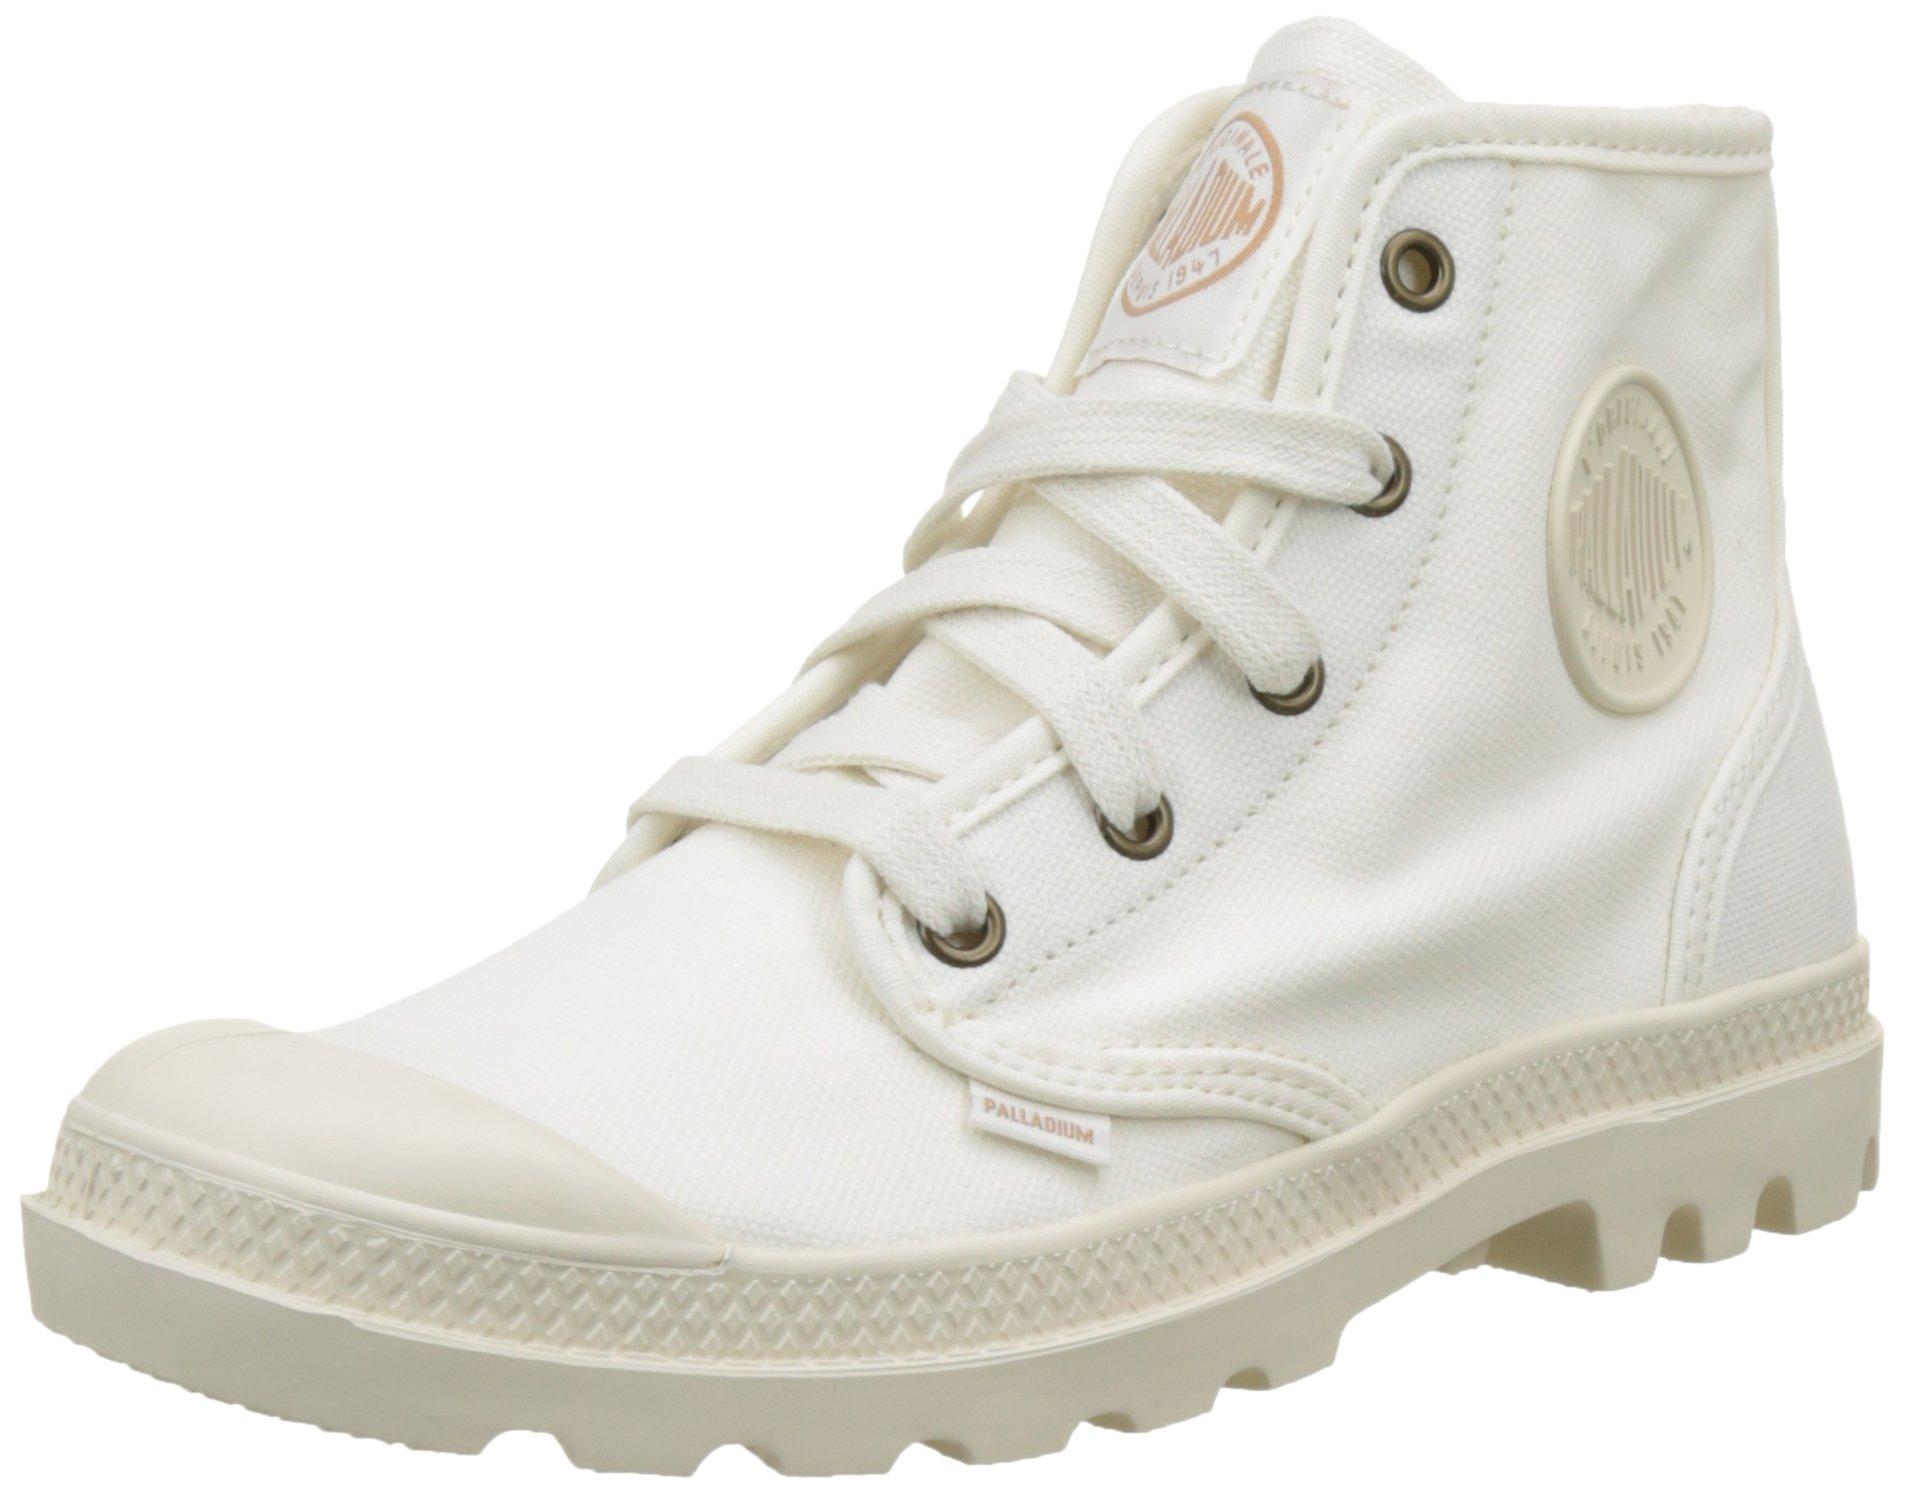 Palladium Womens Womens Pampa Hi Marshmallow Marshmallow Shoes Size 9